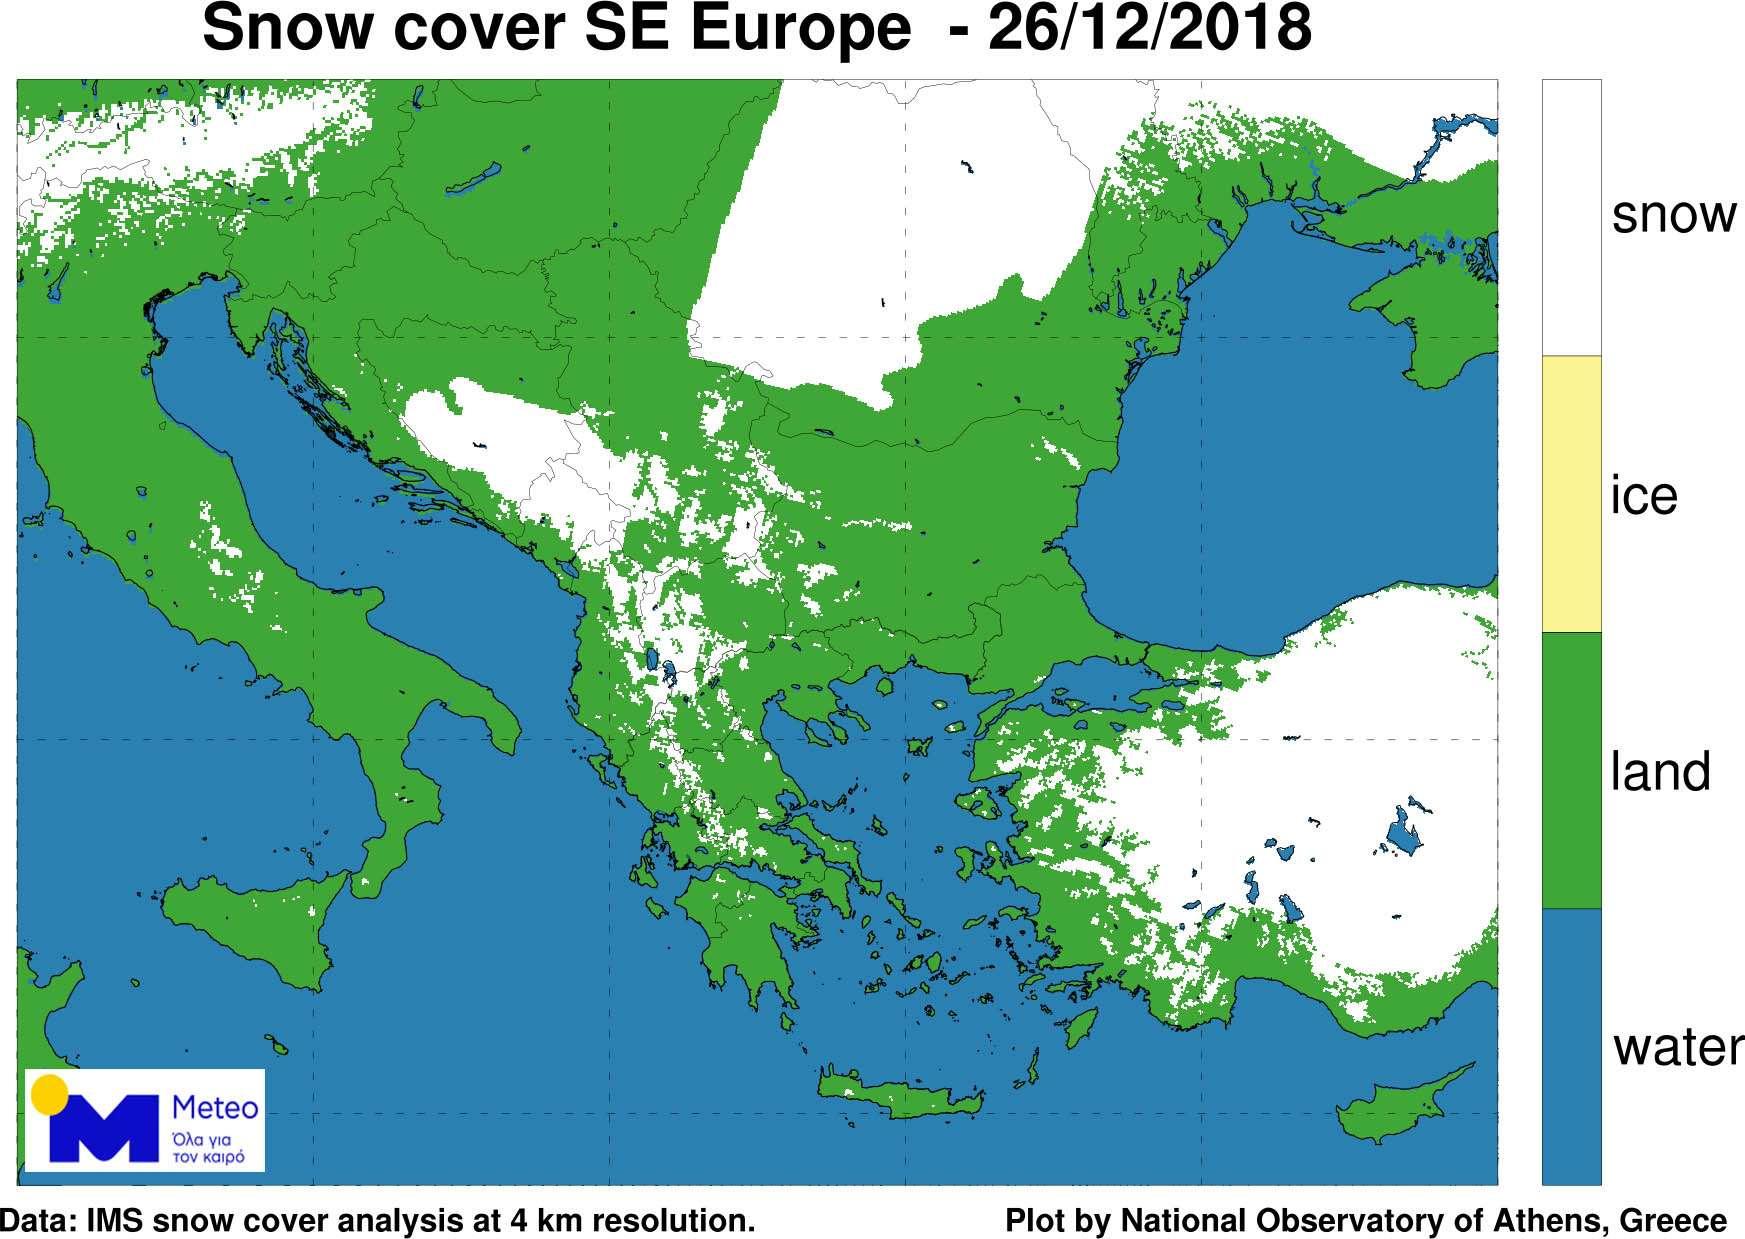 Καλυμμένο από χιόνι το 8% της Ελλάδας τη δεύτερη μέρα των Χριστουγέννων